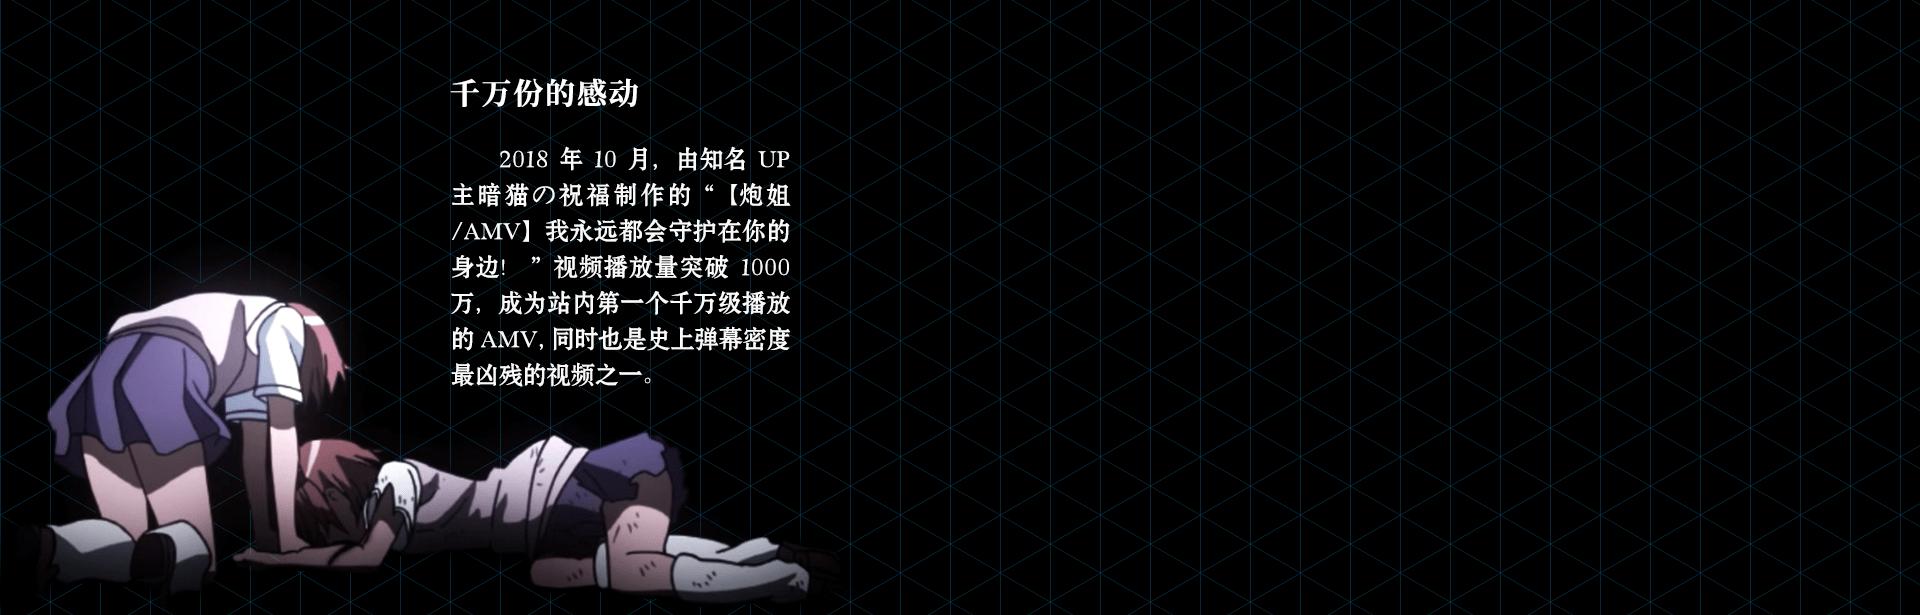 """庆祝动画开播十周年纪念:关于""""哔哩哔哩""""御坂美琴和她背后的故事"""